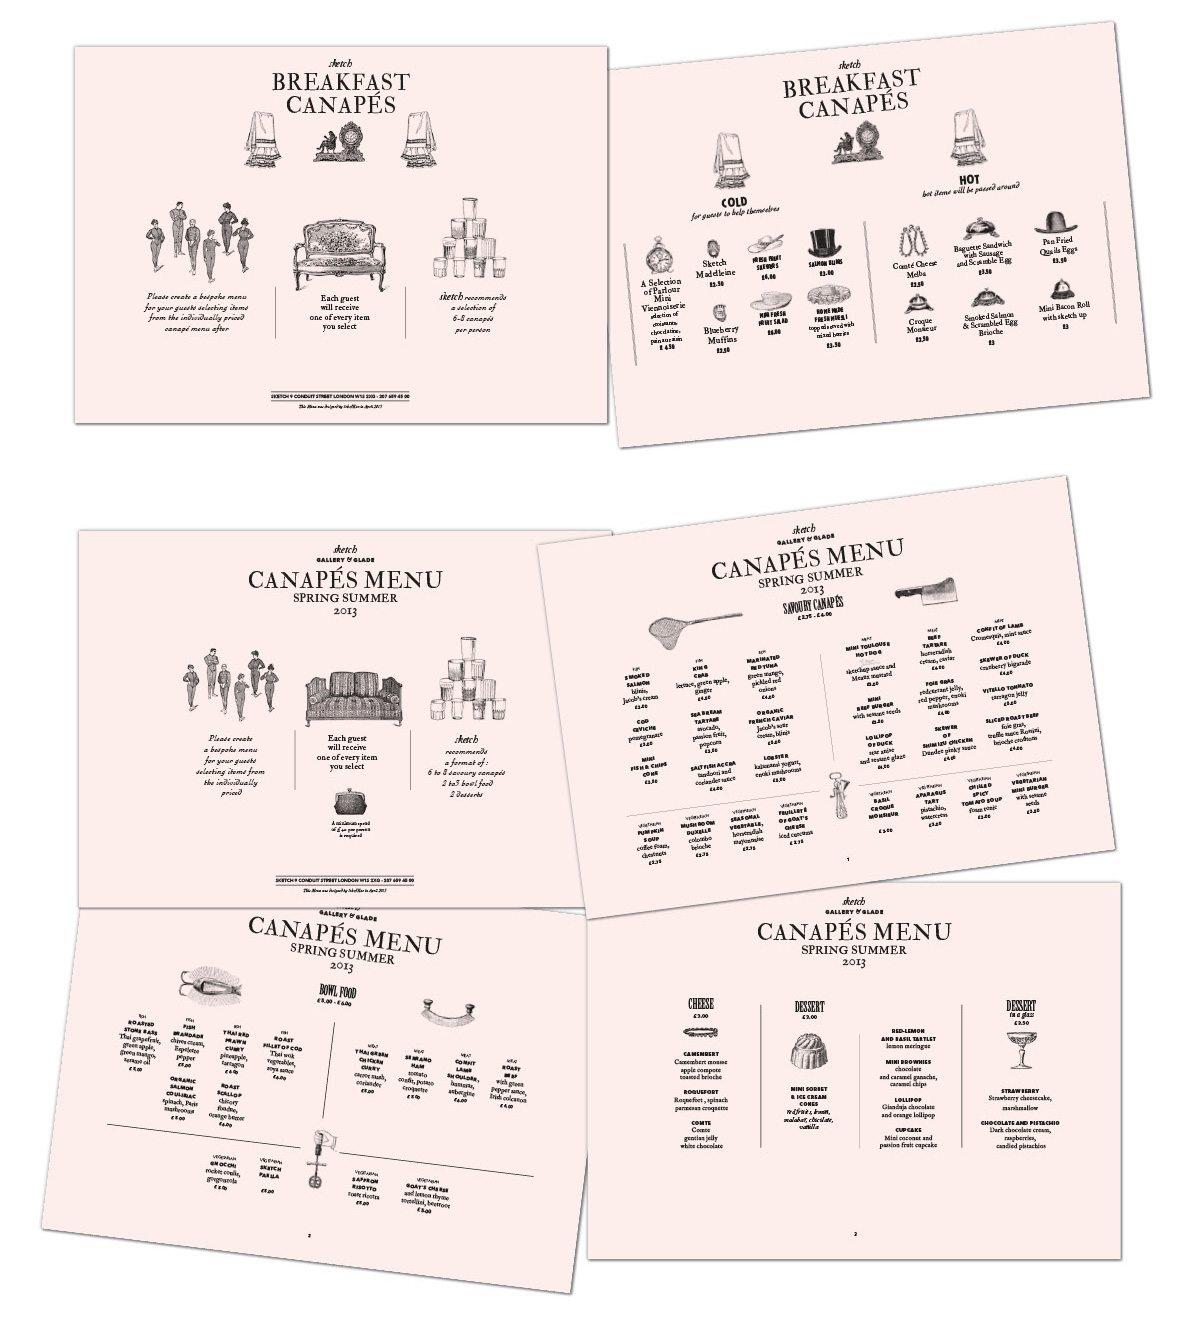 identité visuelle sketch event canapés menu ichetkar